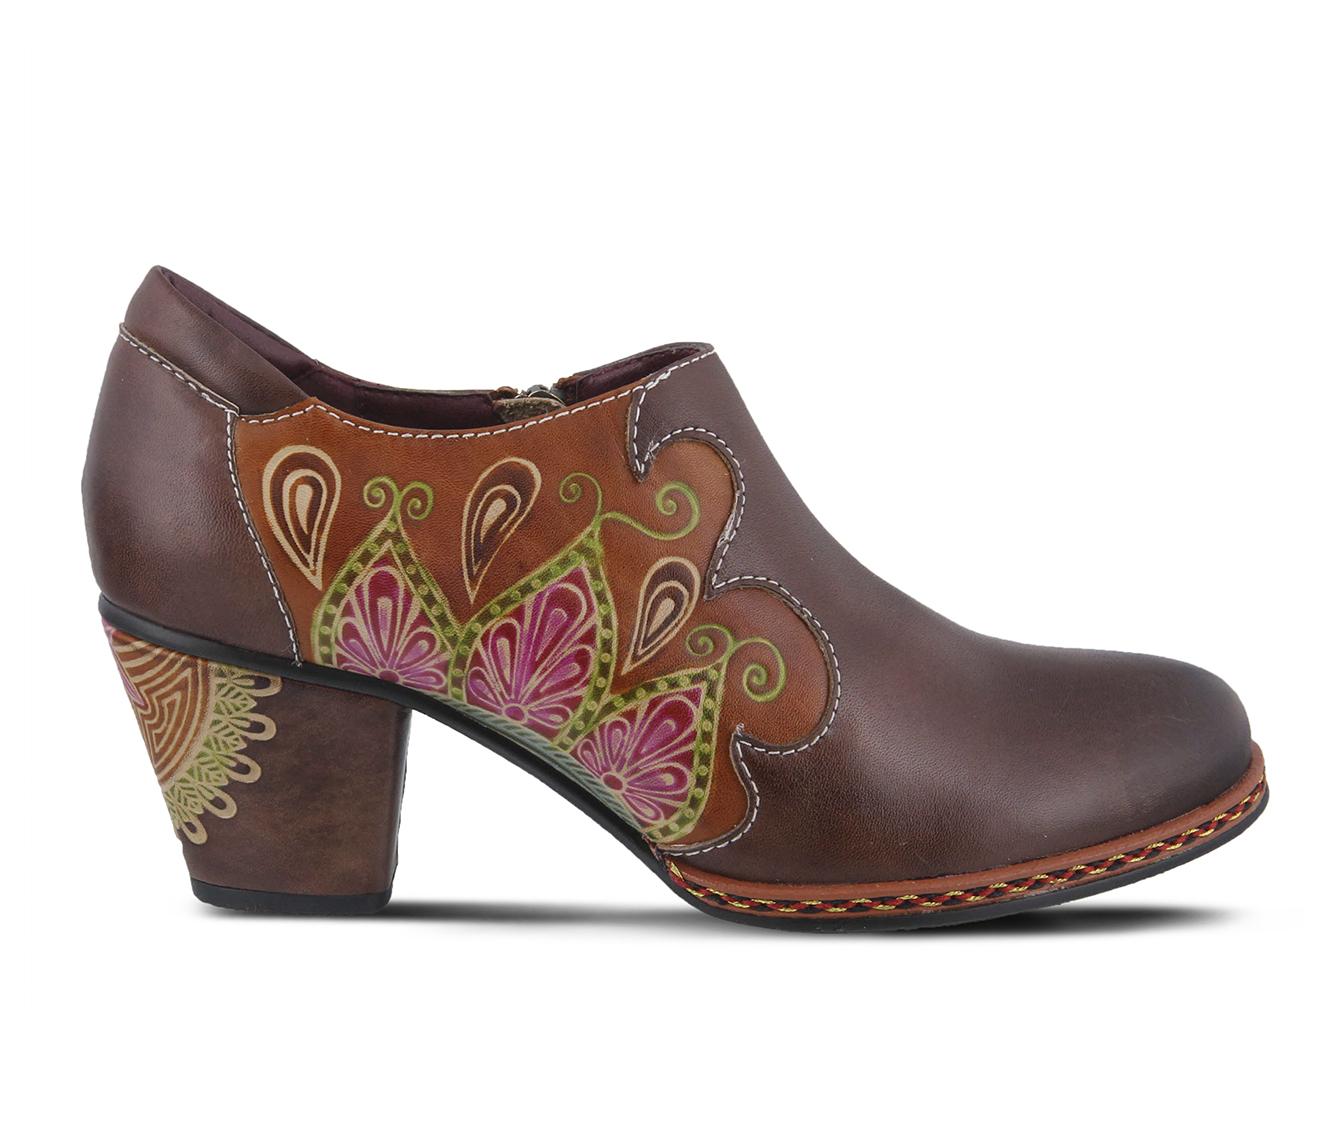 L'Artiste Zami Women's Dress Shoe (Black Leather)